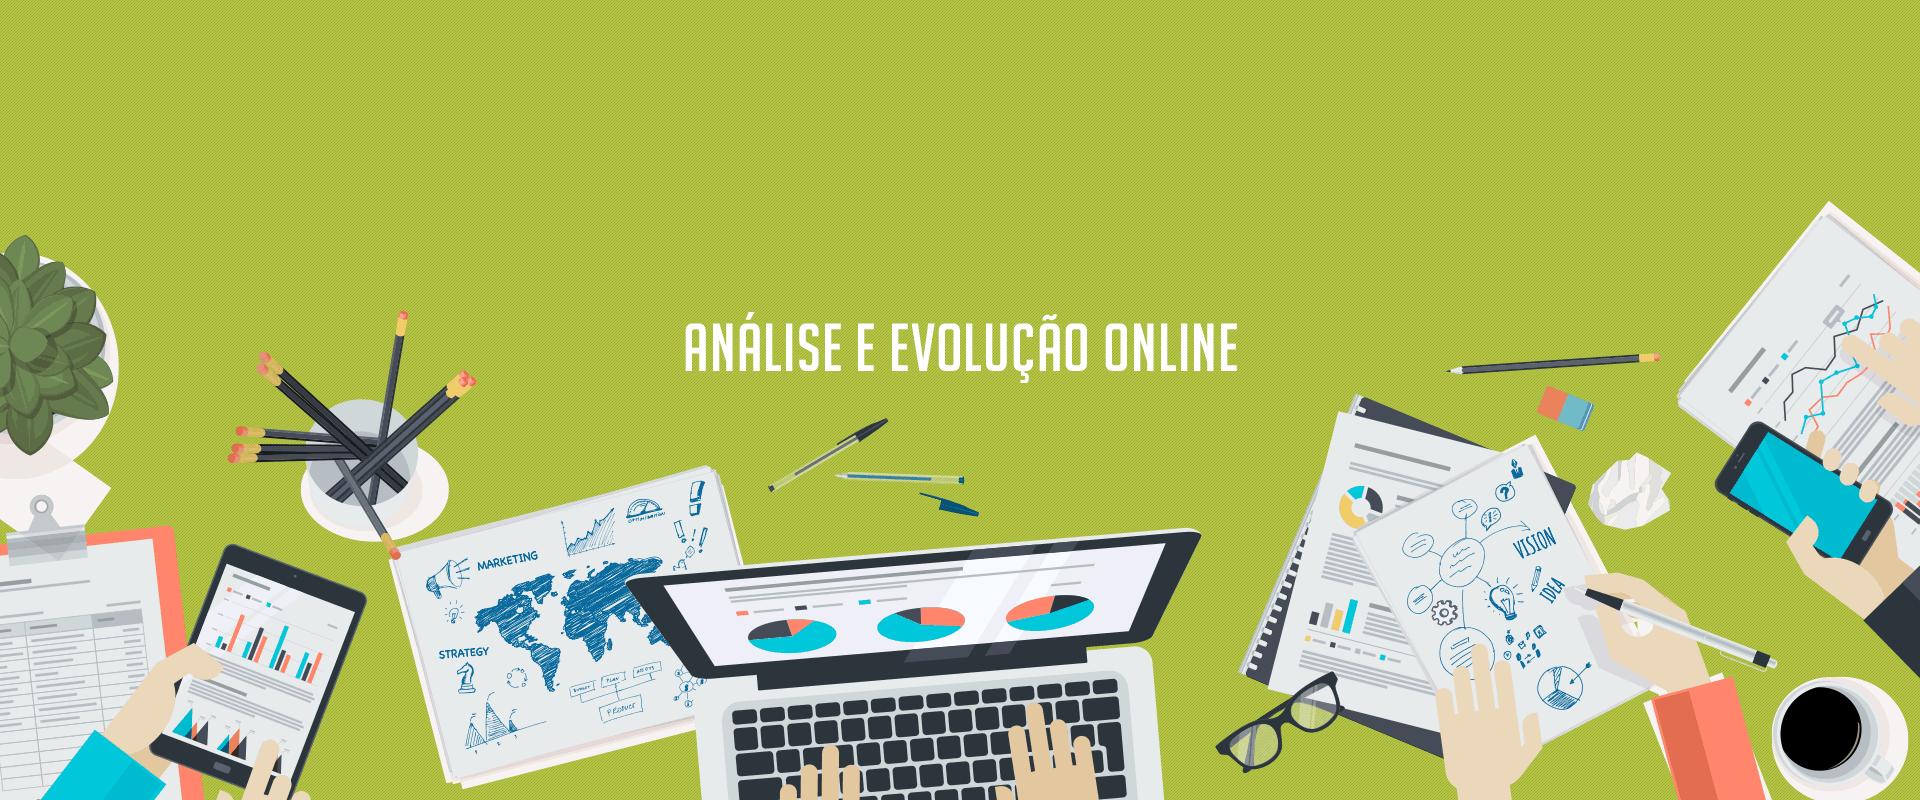 Análise e evolução online